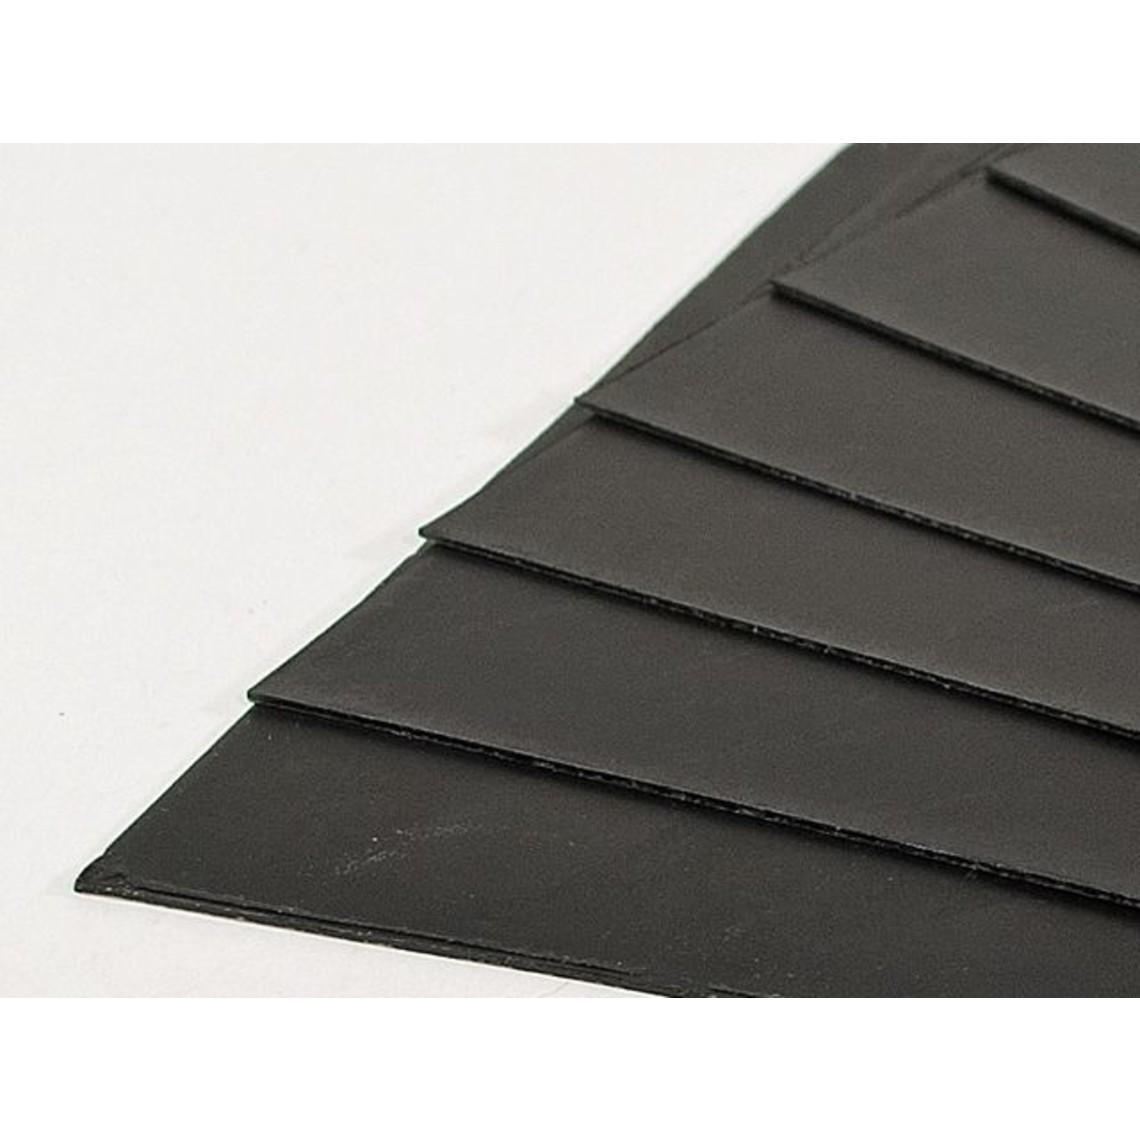 Placas de cera negra, conjunto de 10